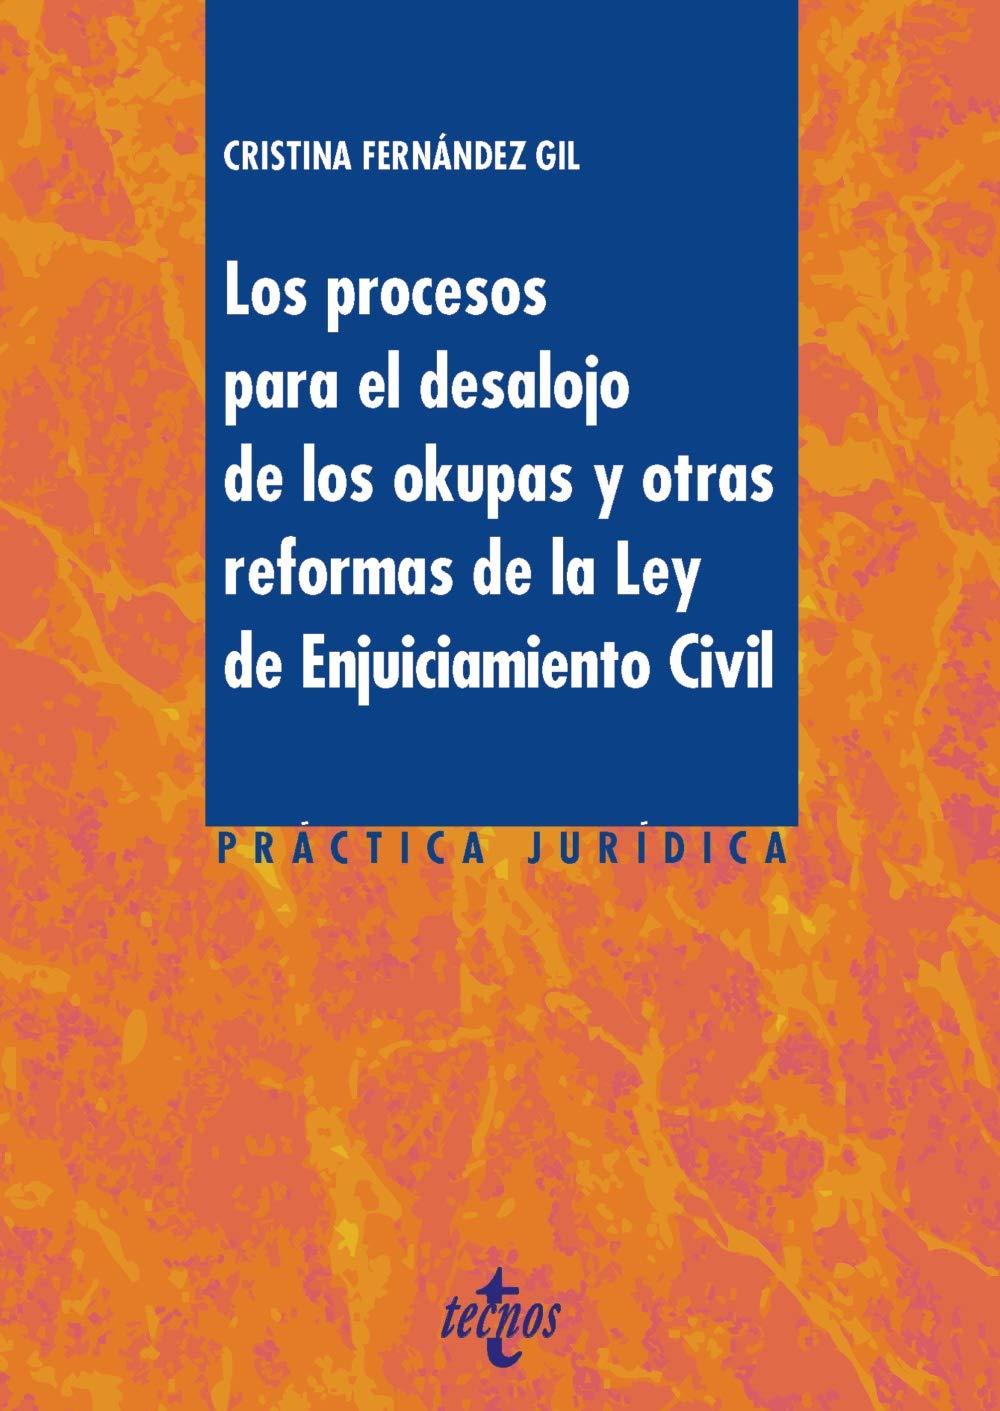 Los procesos para el desalojo de los okupas y otras reformas de la Ley de Enjuiciamiento Civil (Derecho - Práctica Jurídica)